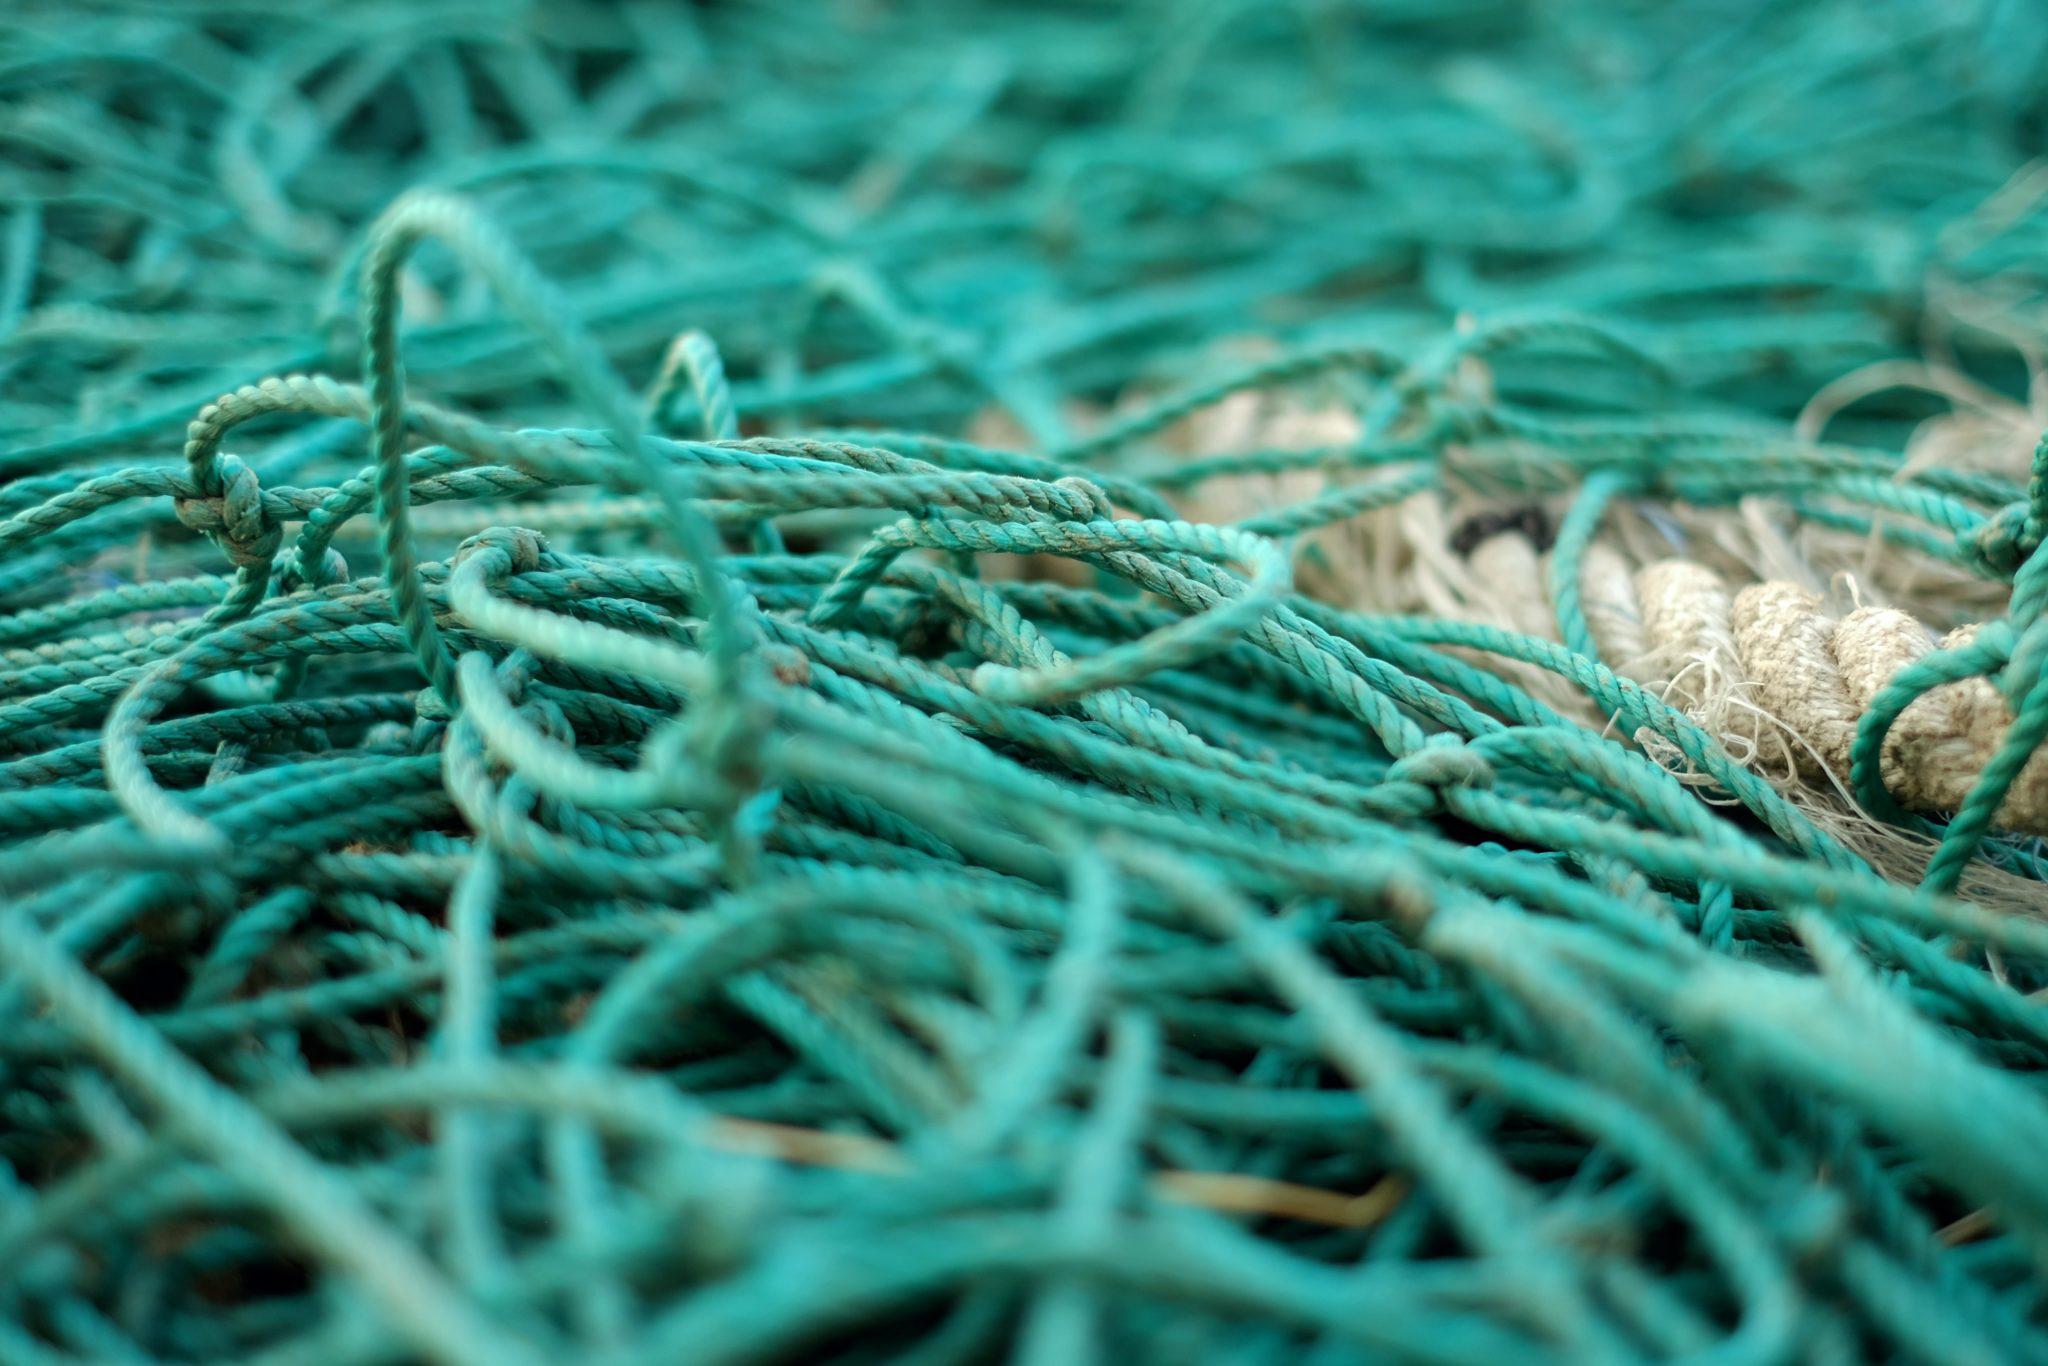 Nahaufnahme eines Fischereinetzes in grün-blau